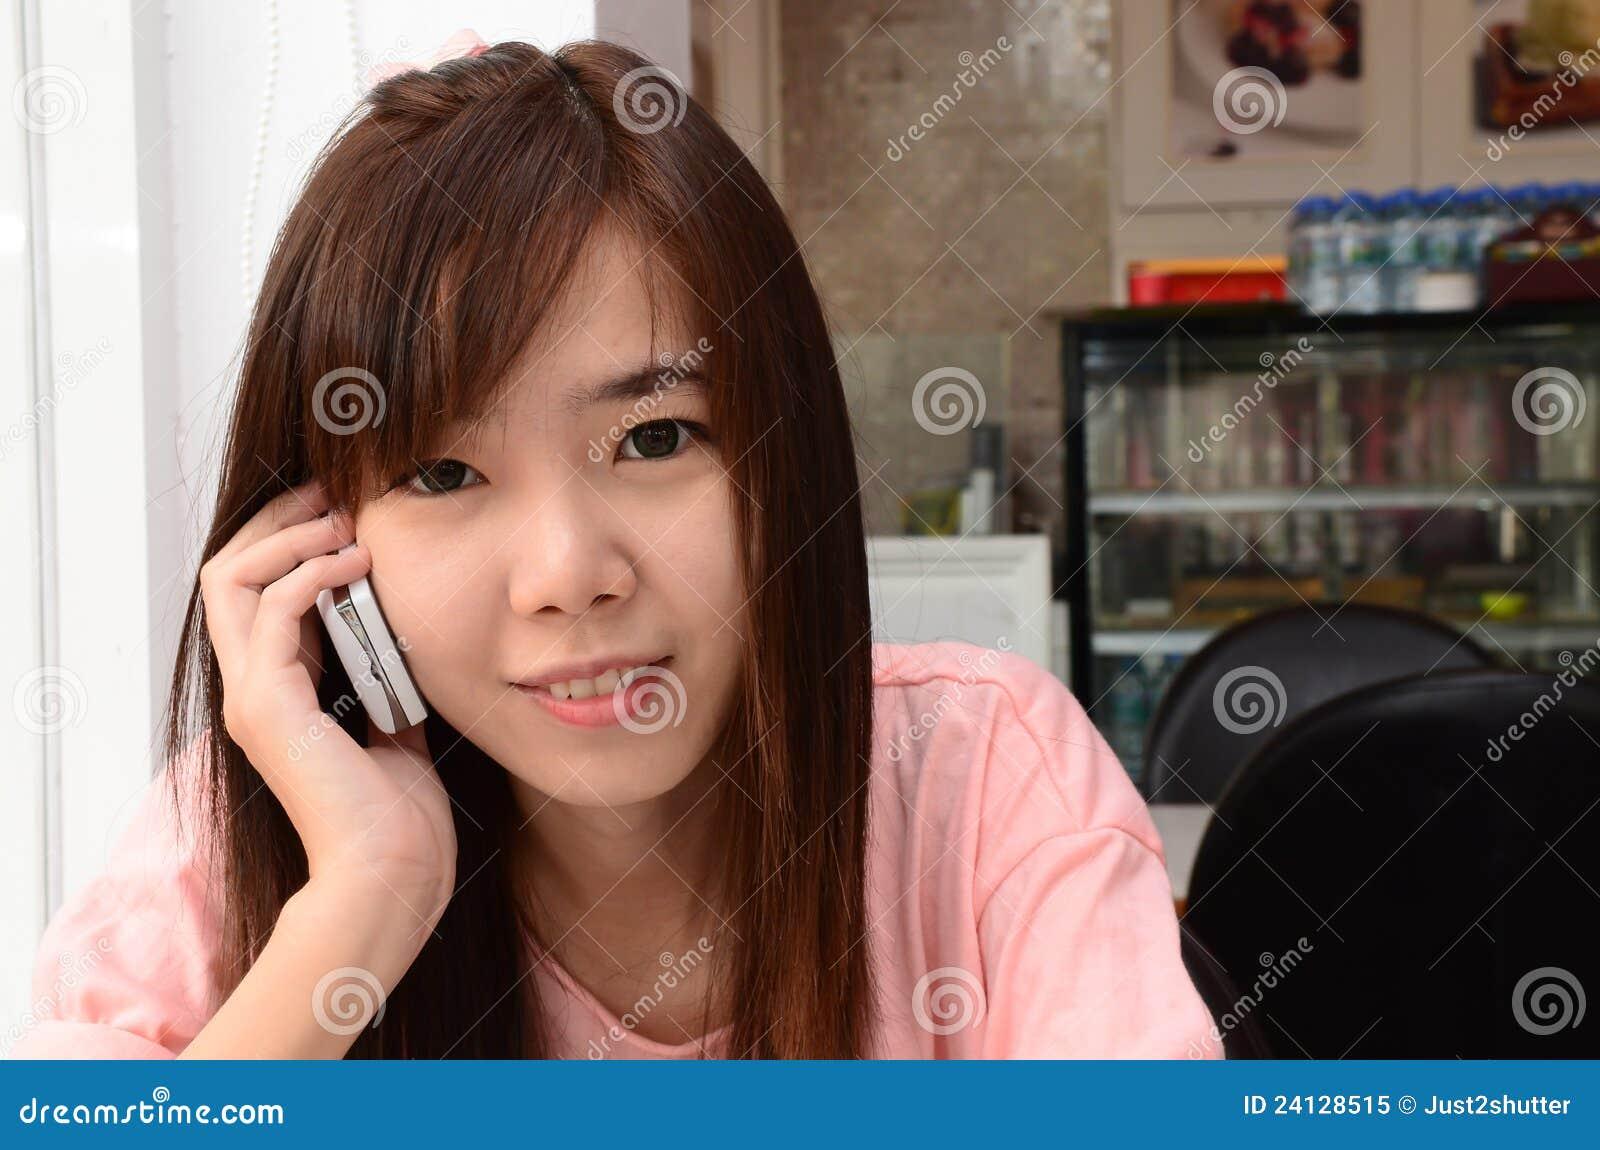 Girl speaks telephone upskirt cameltoe 3